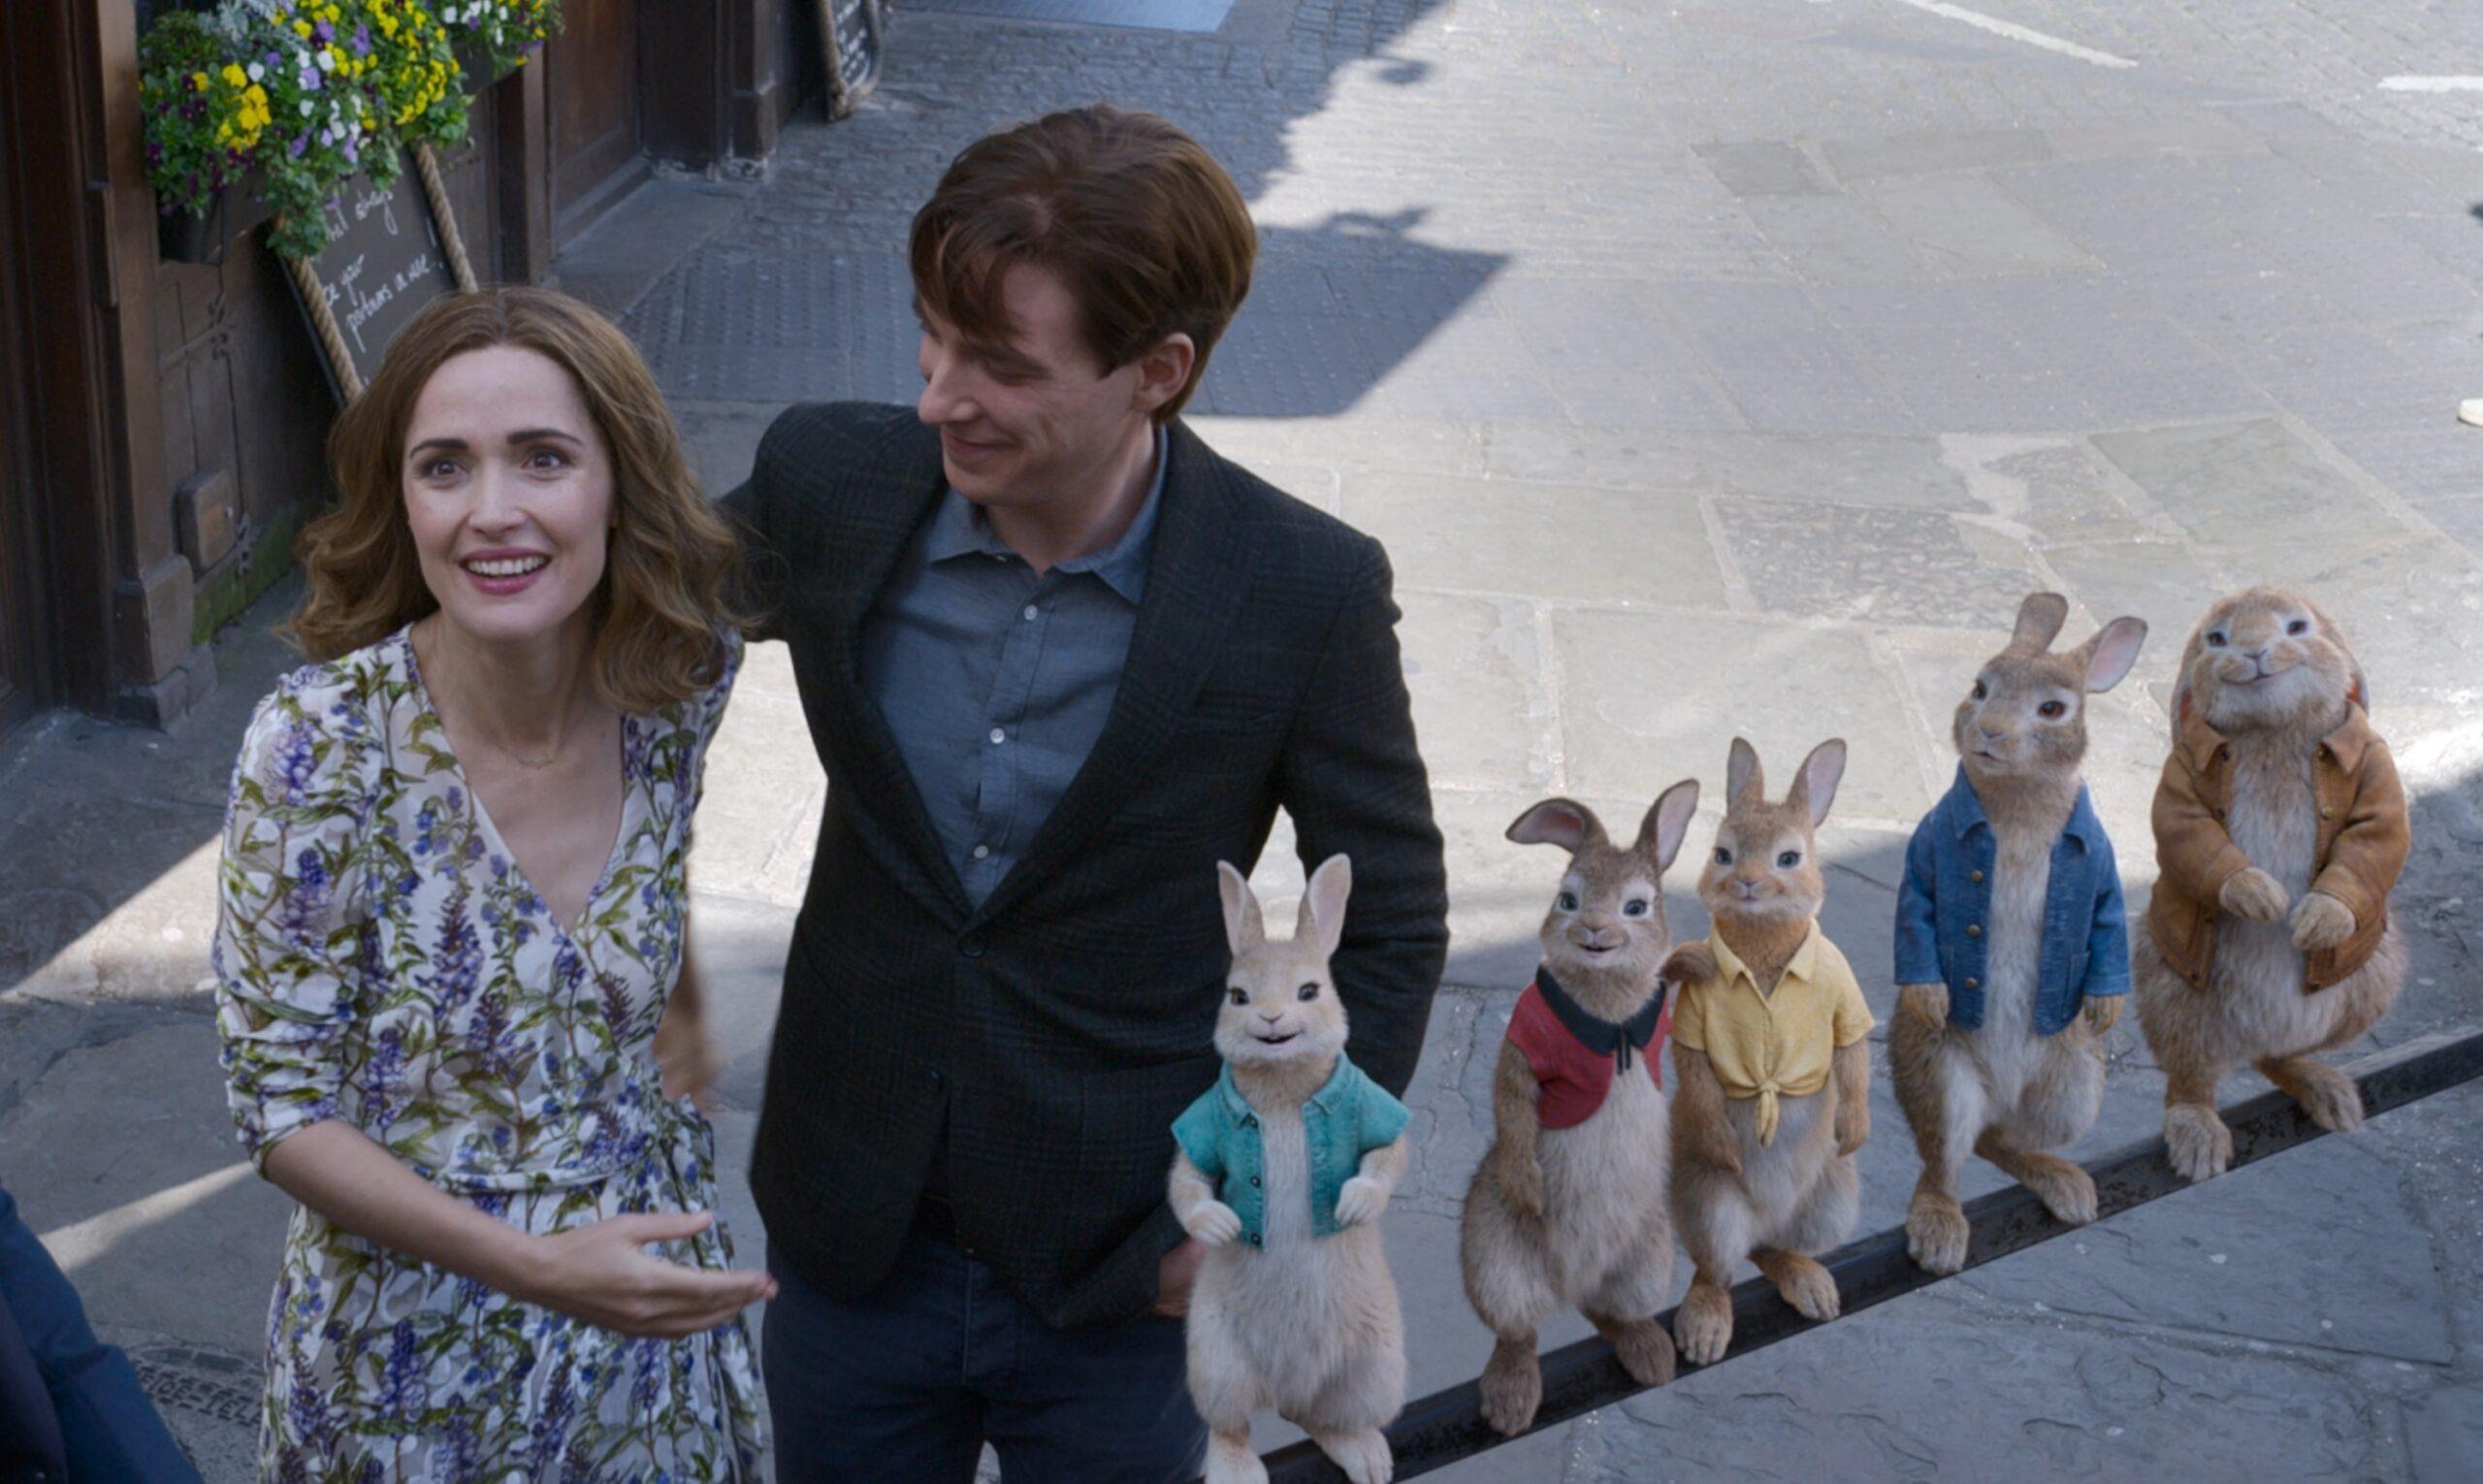 """映画『ピーターラビット2』が大人気キャラ""""うさぎ100%""""とまさかのコラボ! 描き下ろしアートとコラボ映像が公開"""